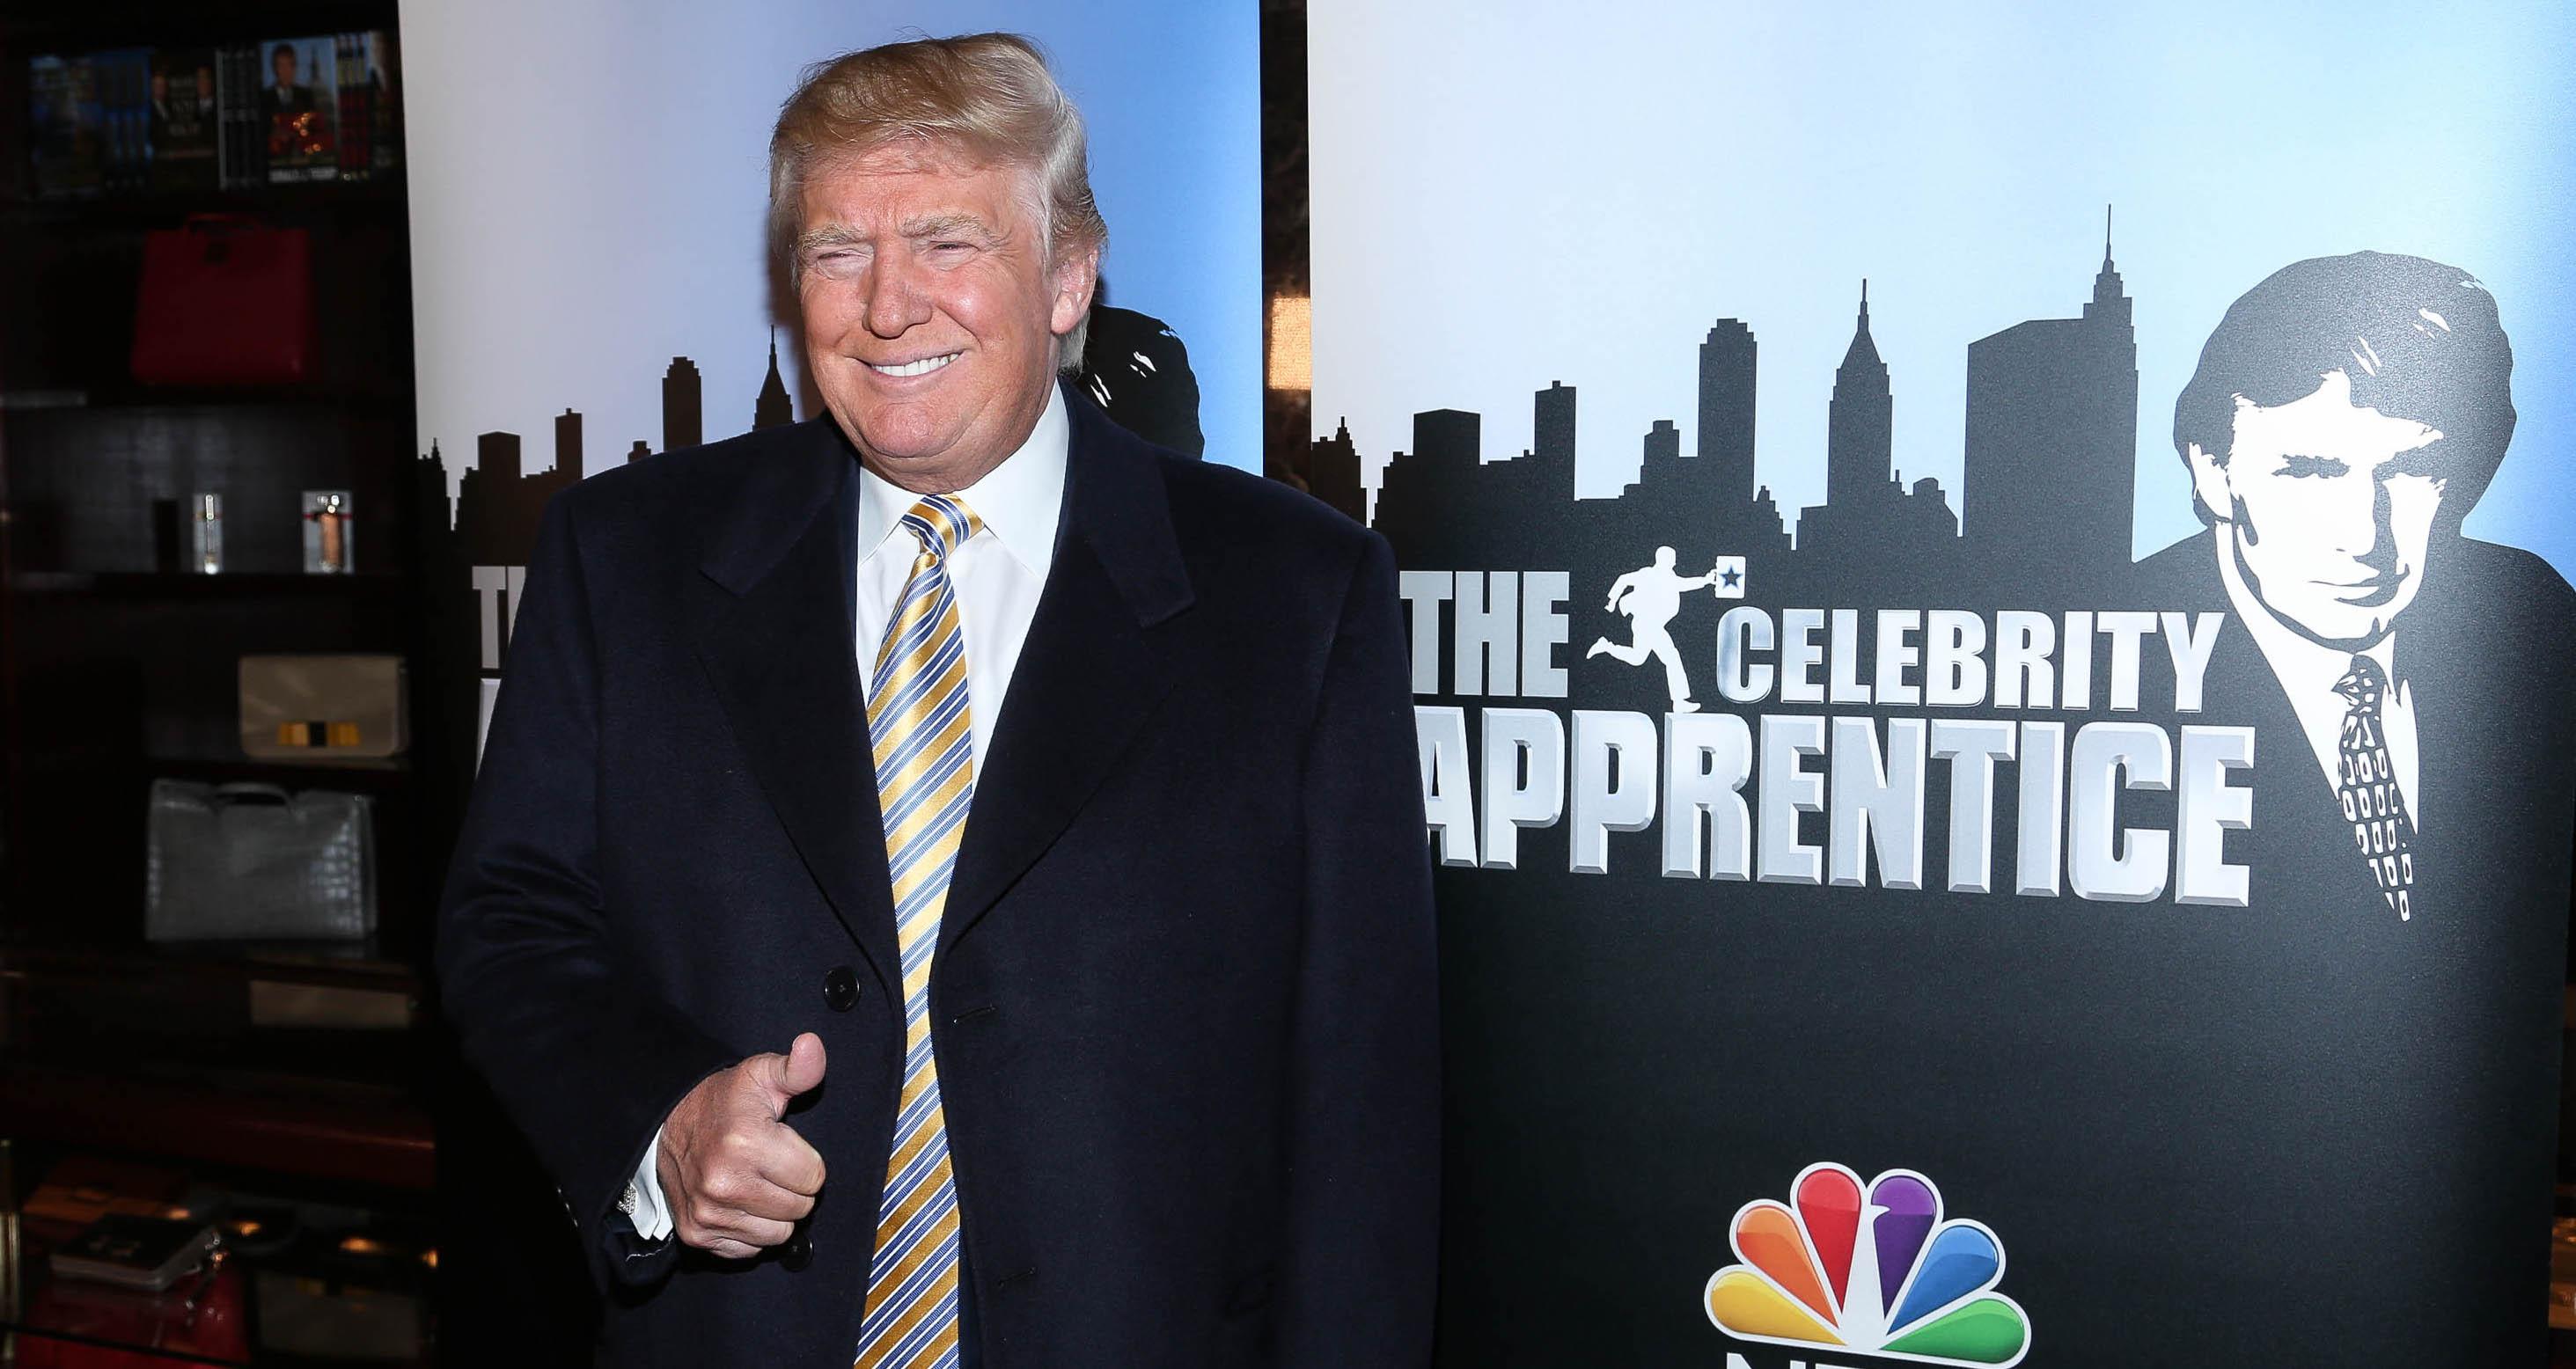 Donald Trump Khloe Kardashian, Trump calls Khloe fat piglet, Celebrity Apprentice, Donald Trump women